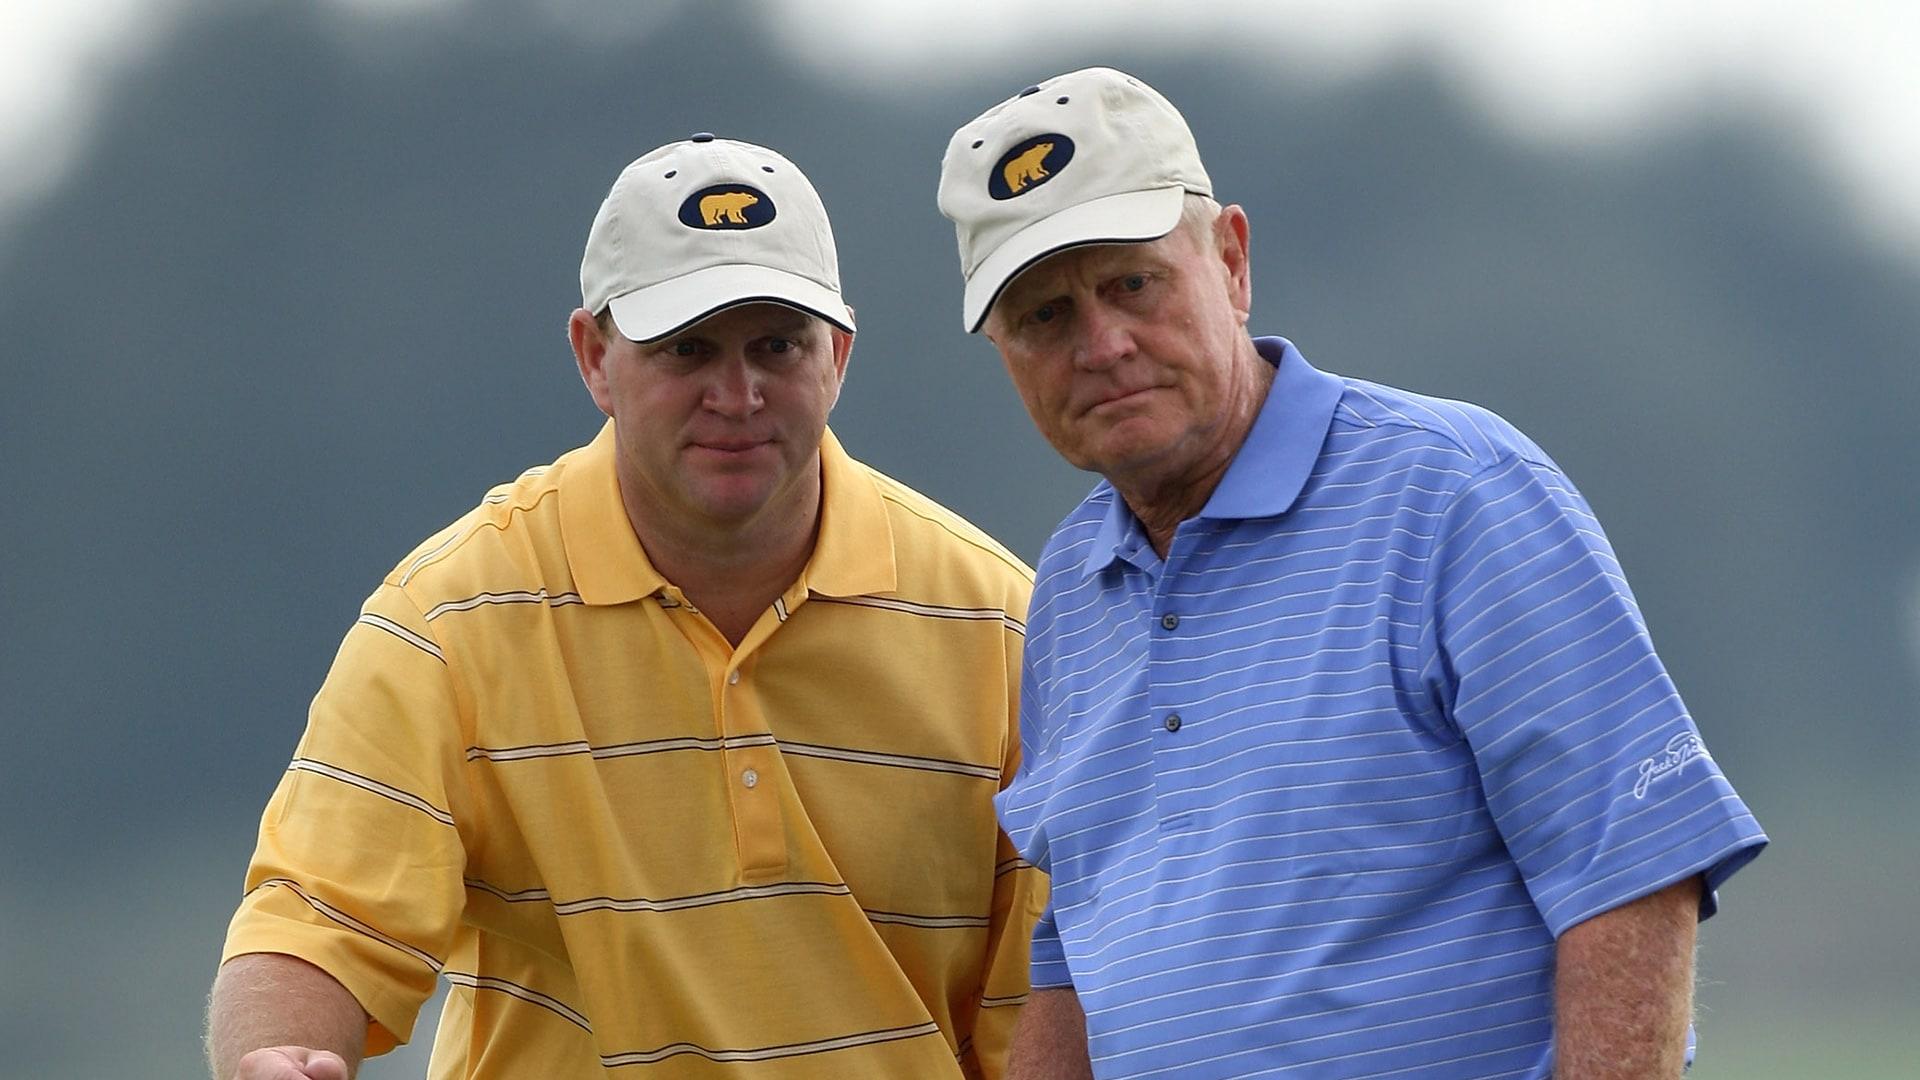 Jack Nicklaus' son, Gary, set to make PGA Tour Champions debut